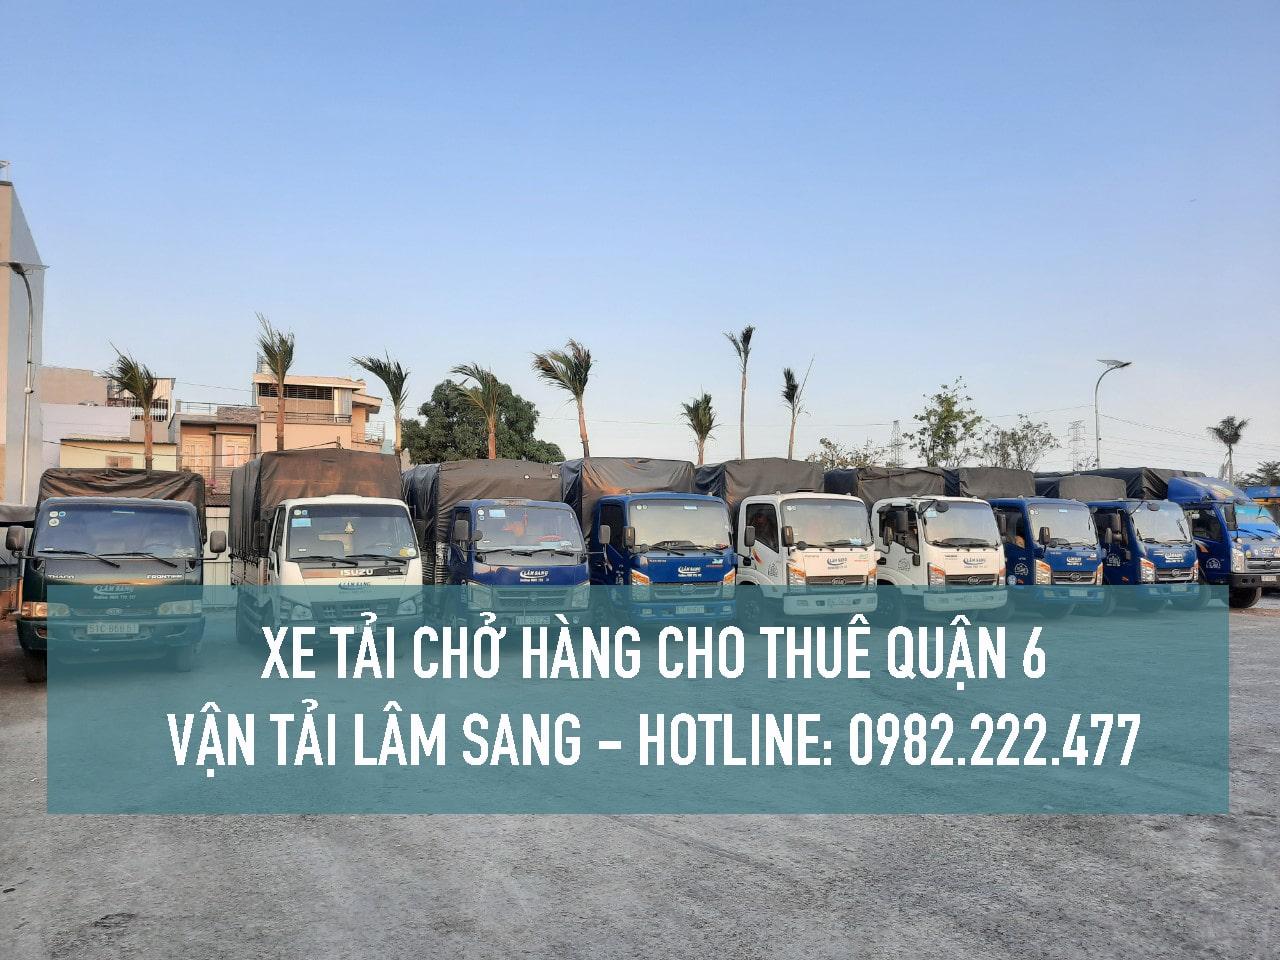 Xe tải nhỏ cho thuê giá rẻ tại Quận 6 - vận chuyển hàng hoá công ty vận tải Lâm Sang